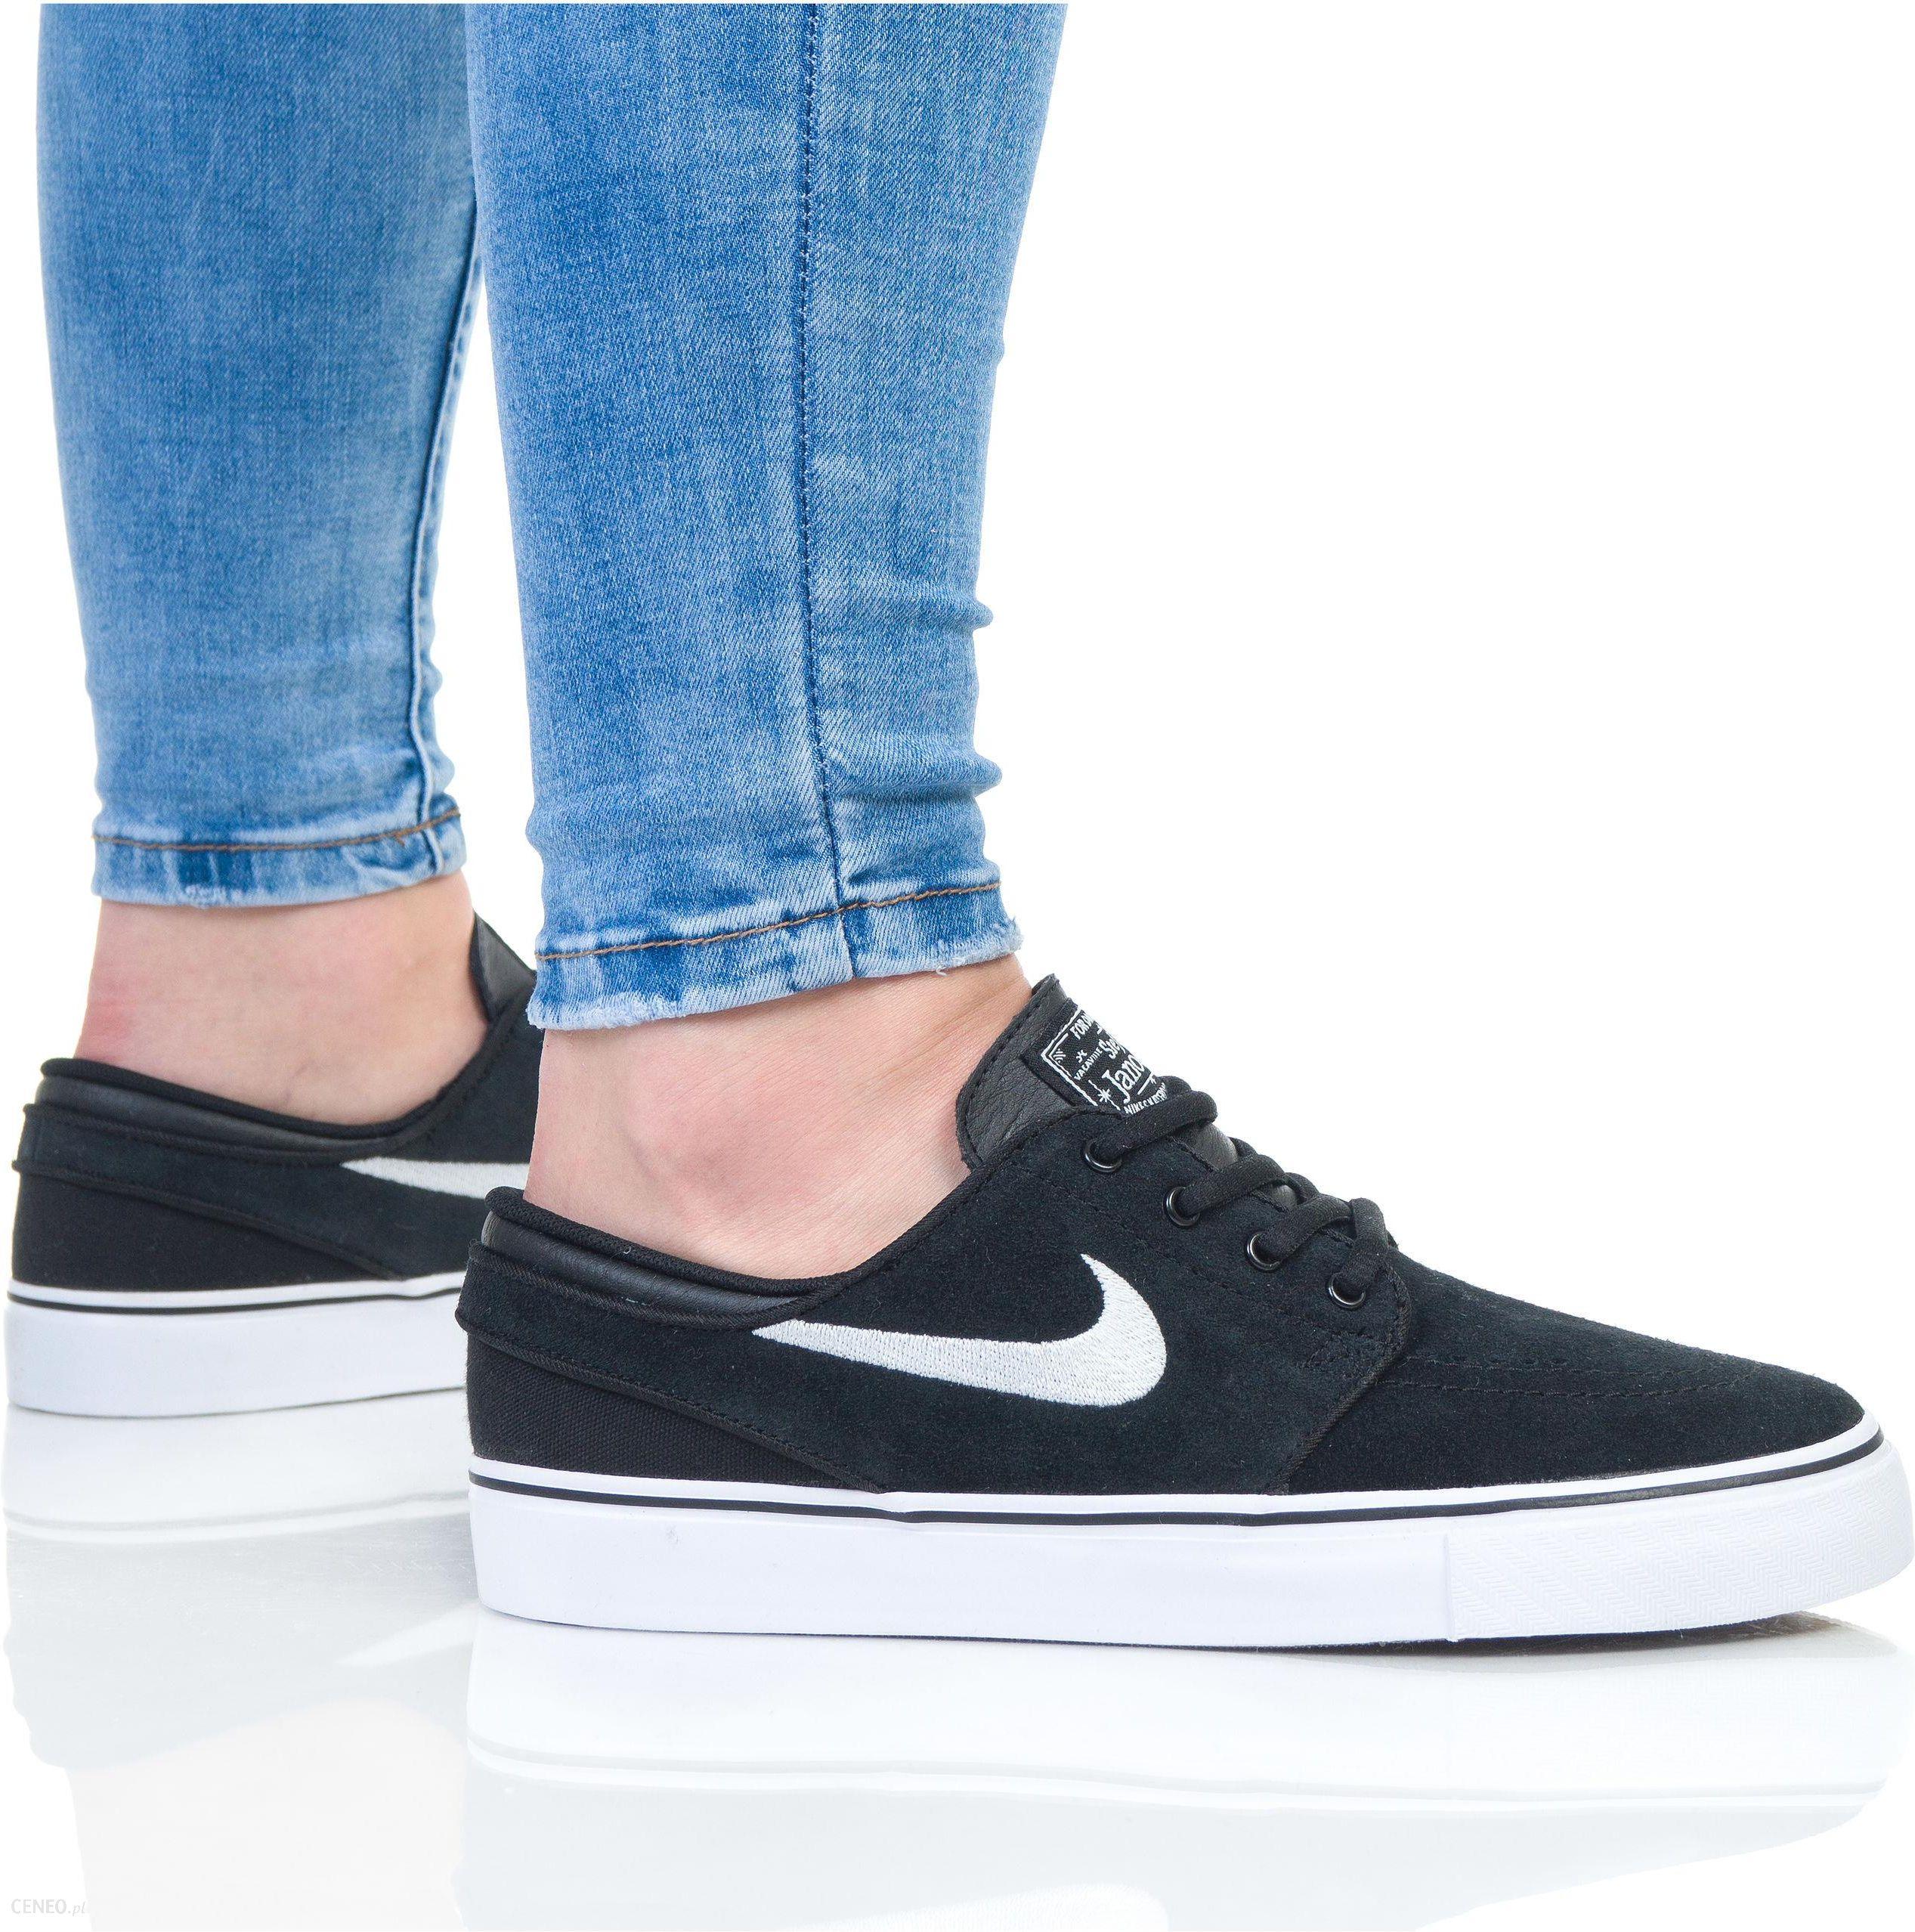 pierwsza stawka Nowa kolekcja rozmiar 7 Buty Nike Damskie Stefan Janoski 525104-021 Czarne - Ceny i opinie -  Ceneo.pl